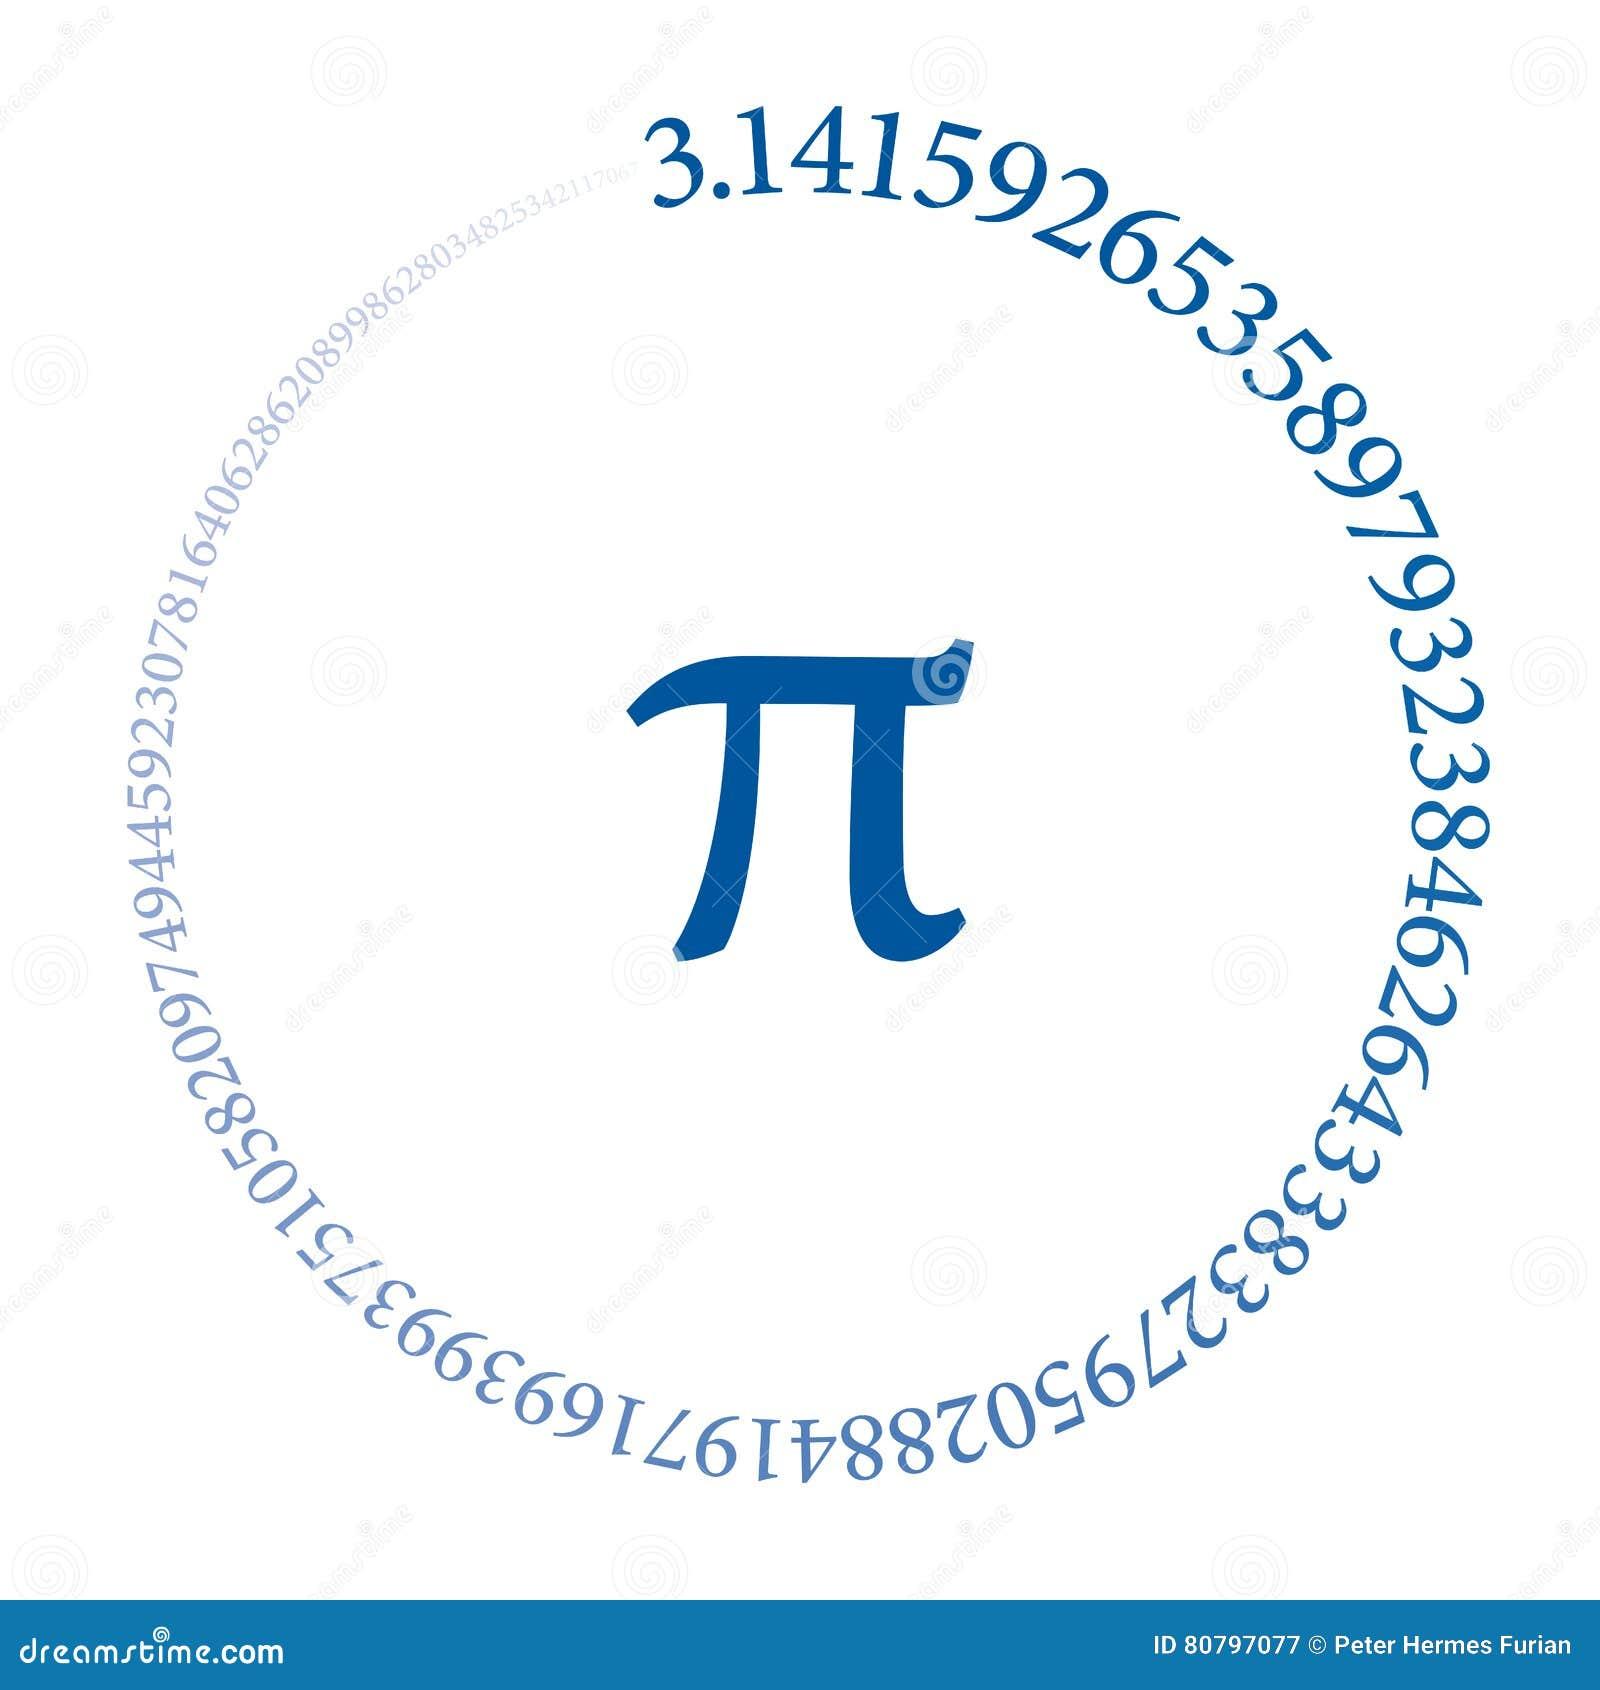 Hundra siffror av nummerpi som bildar en cirkel